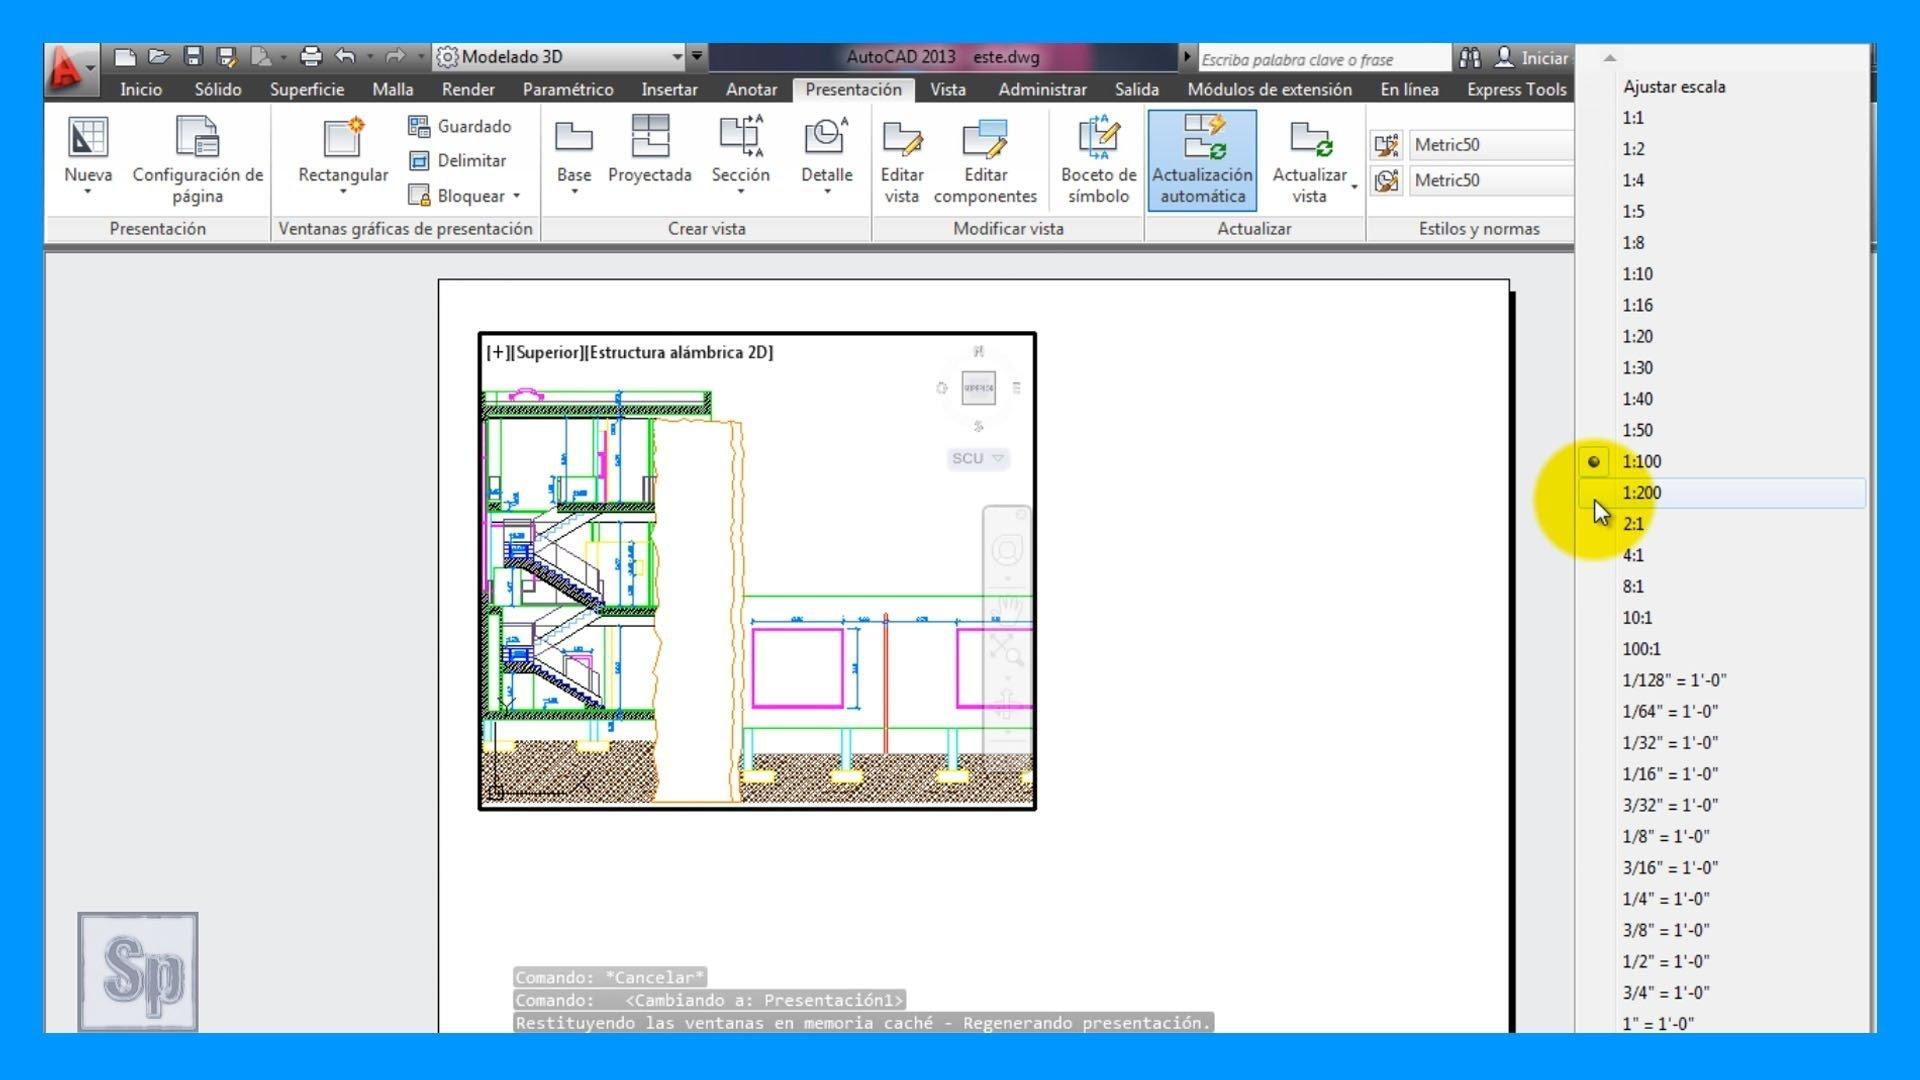 Autocad – Escalas, presentación a escala para imprimir. Imprimir a escala.